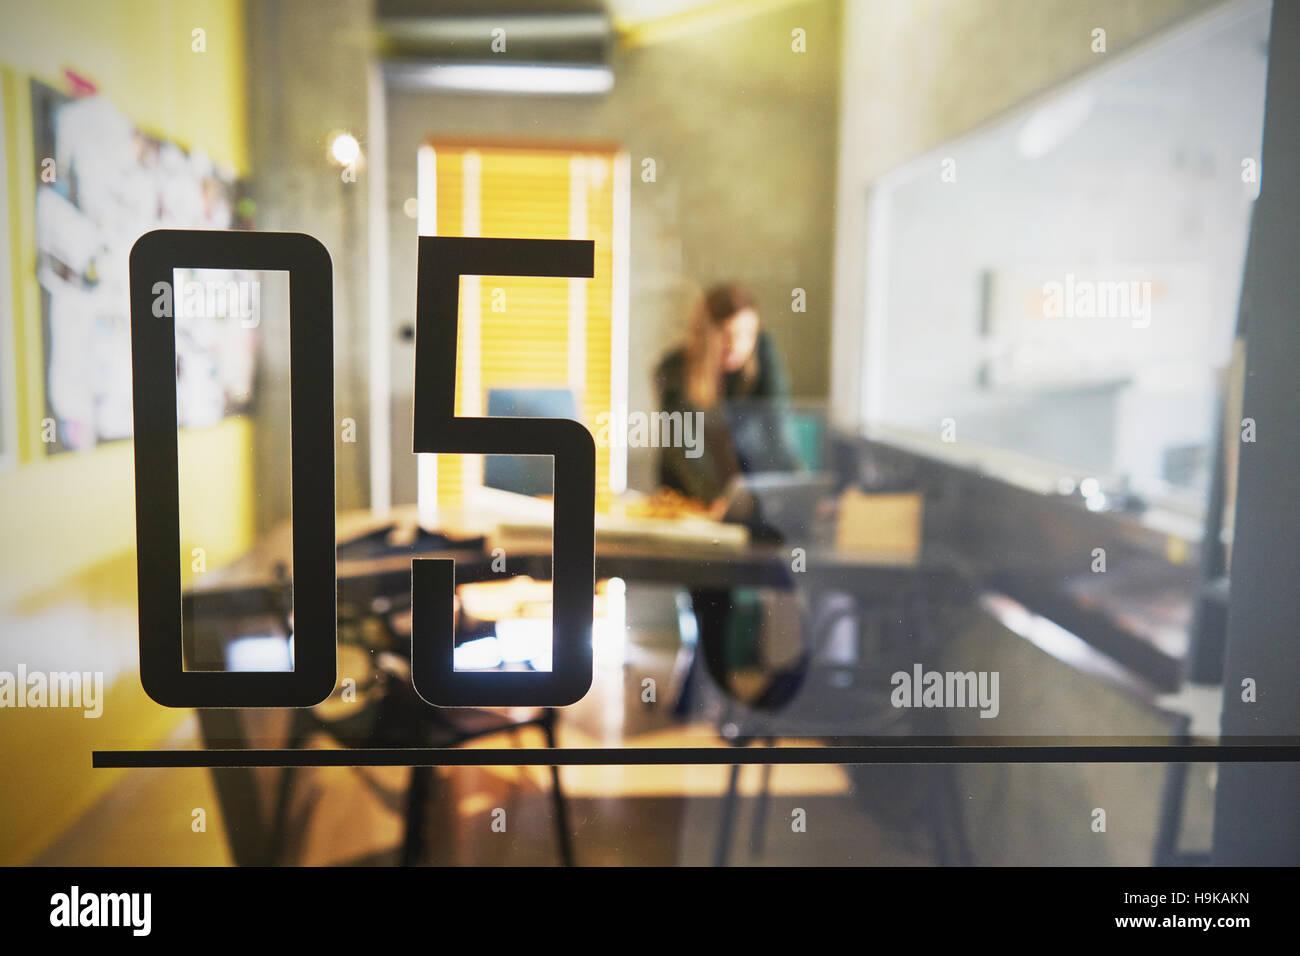 Ufficio moderno, spazio interno Immagini Stock